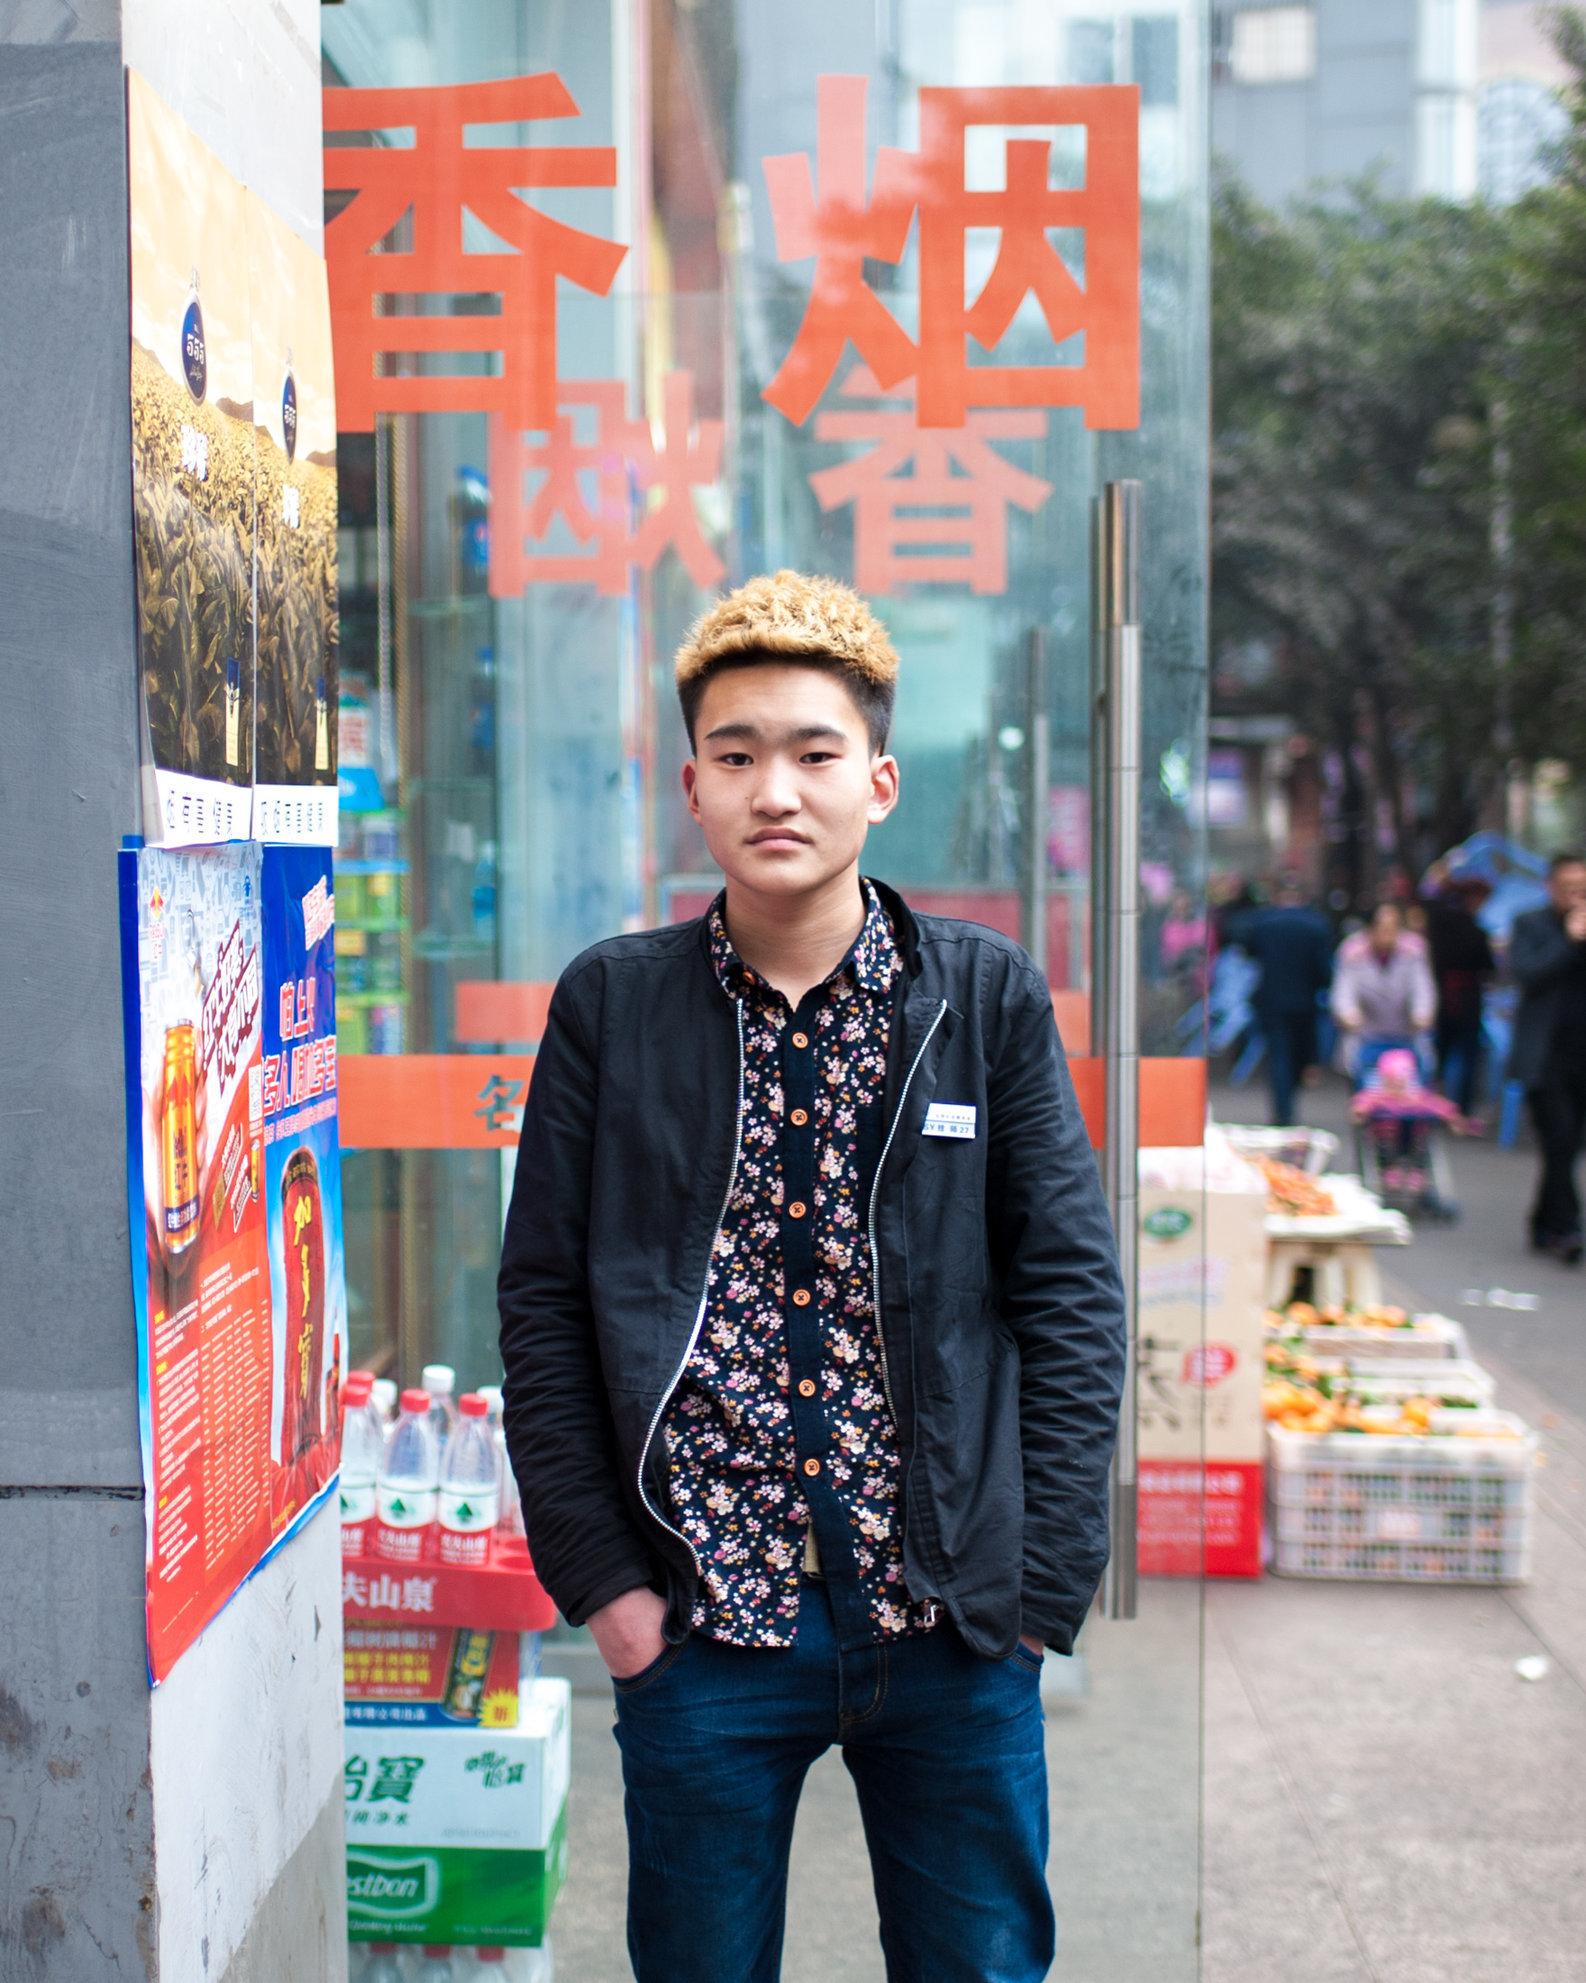 35_julien_hazemann_portraits CQ.jpg